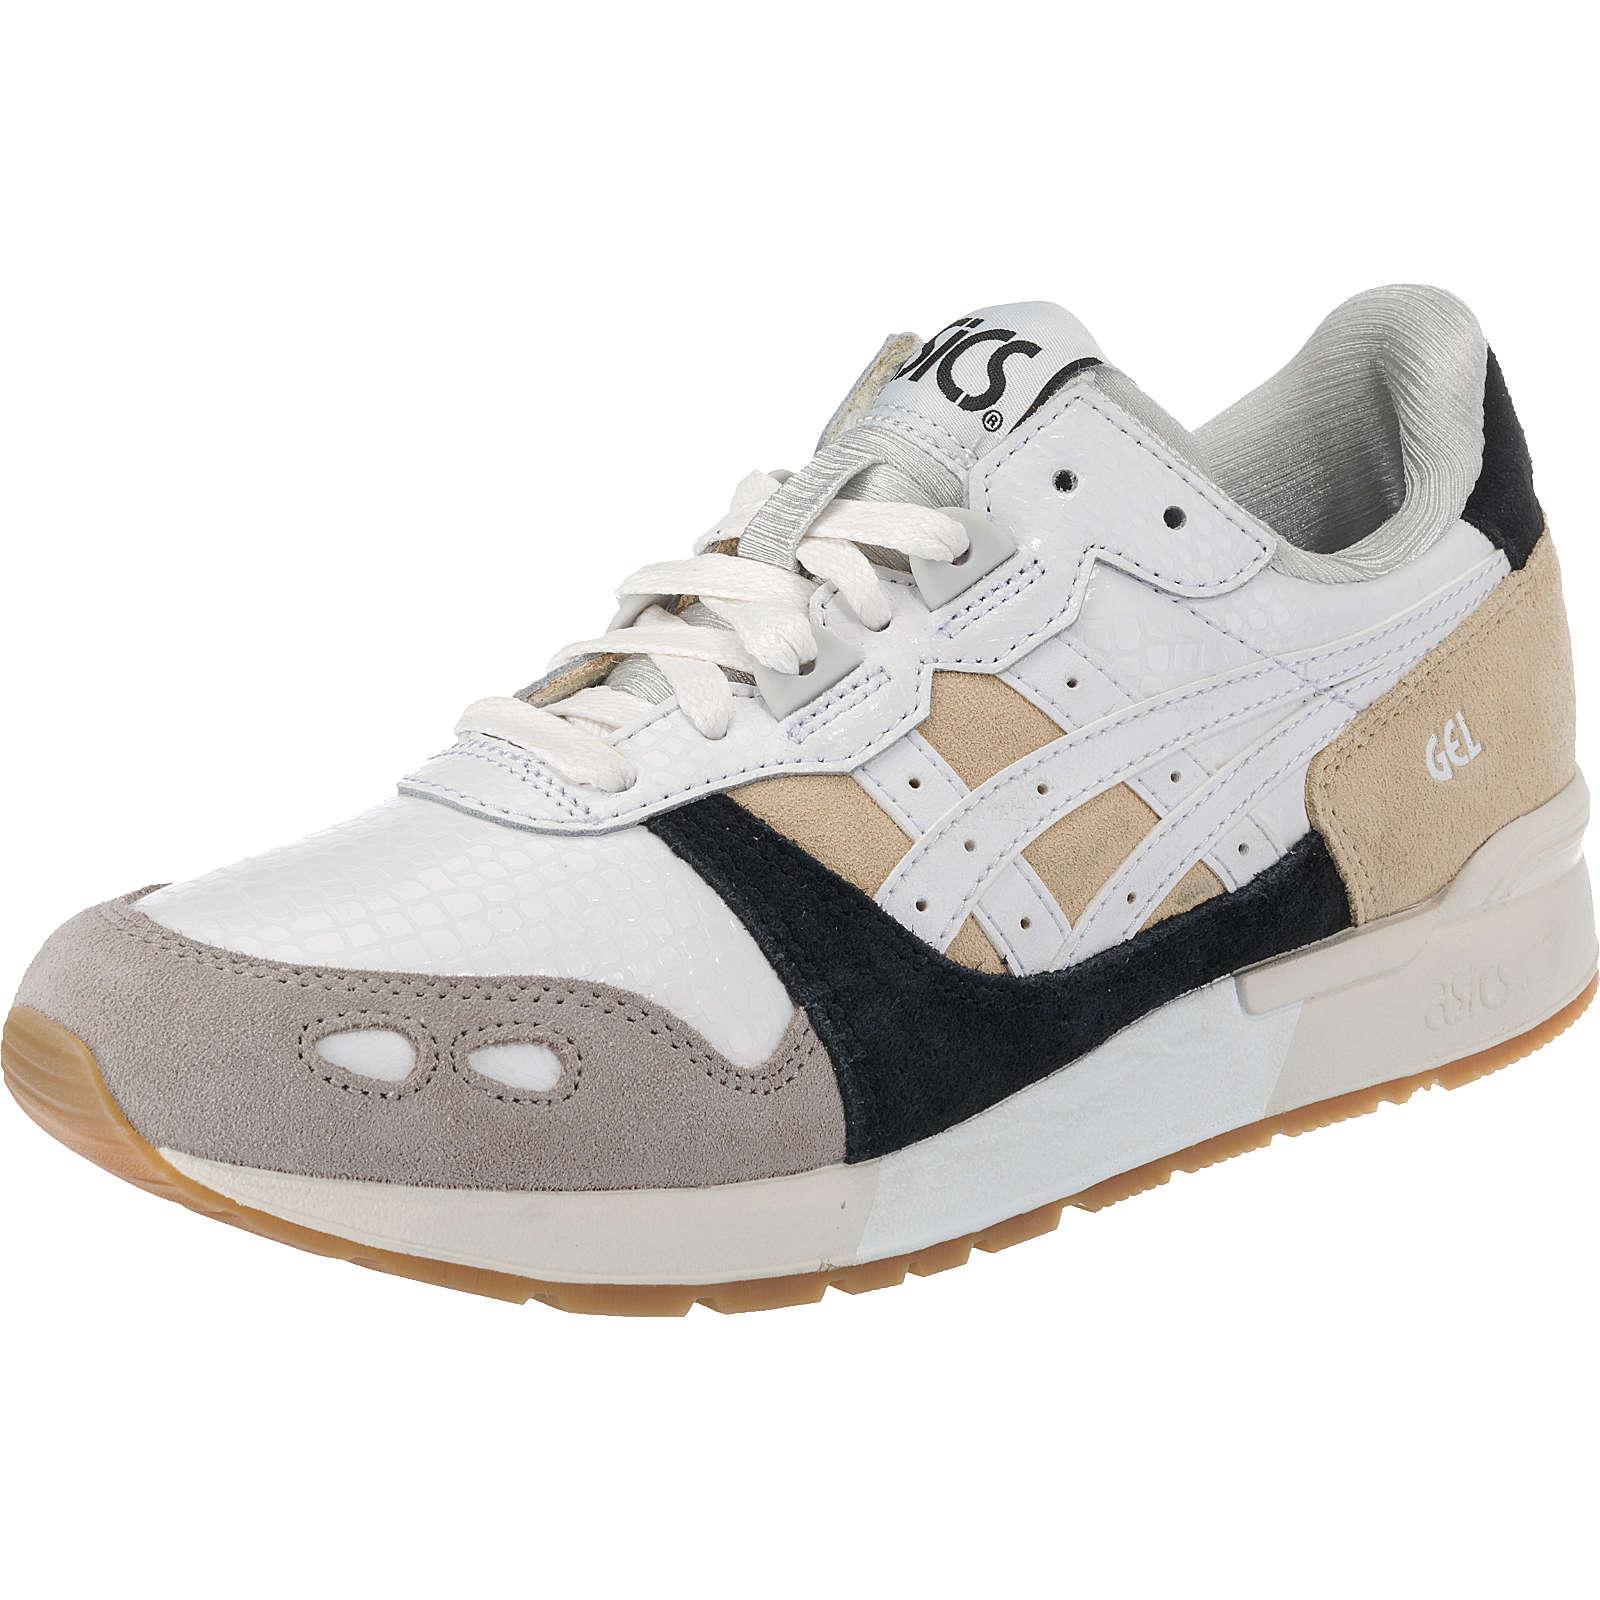 ASICS Tiger Gel-Lyte Sneakers Low beige-kombi Damen Gr. 39